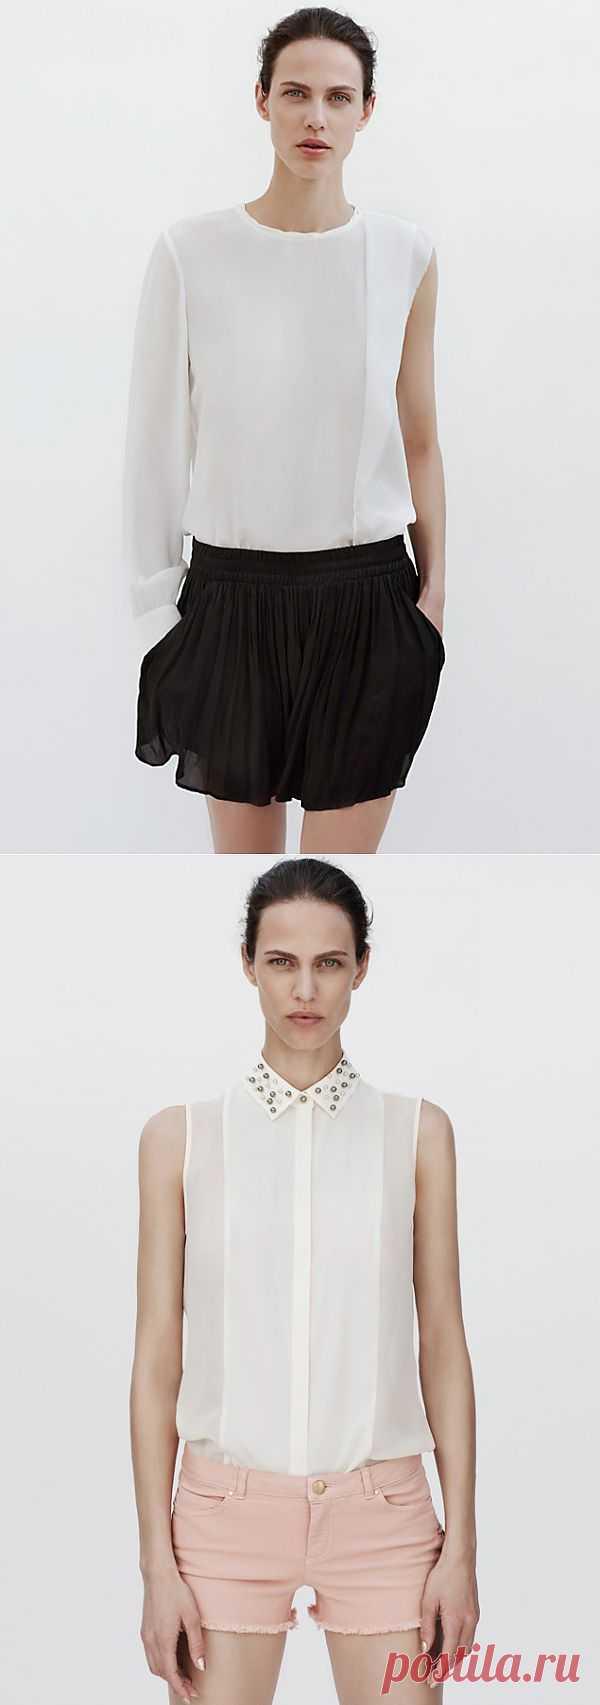 Две блузки ZARA / Блузки / Модный сайт о стильной переделке одежды и интерьера